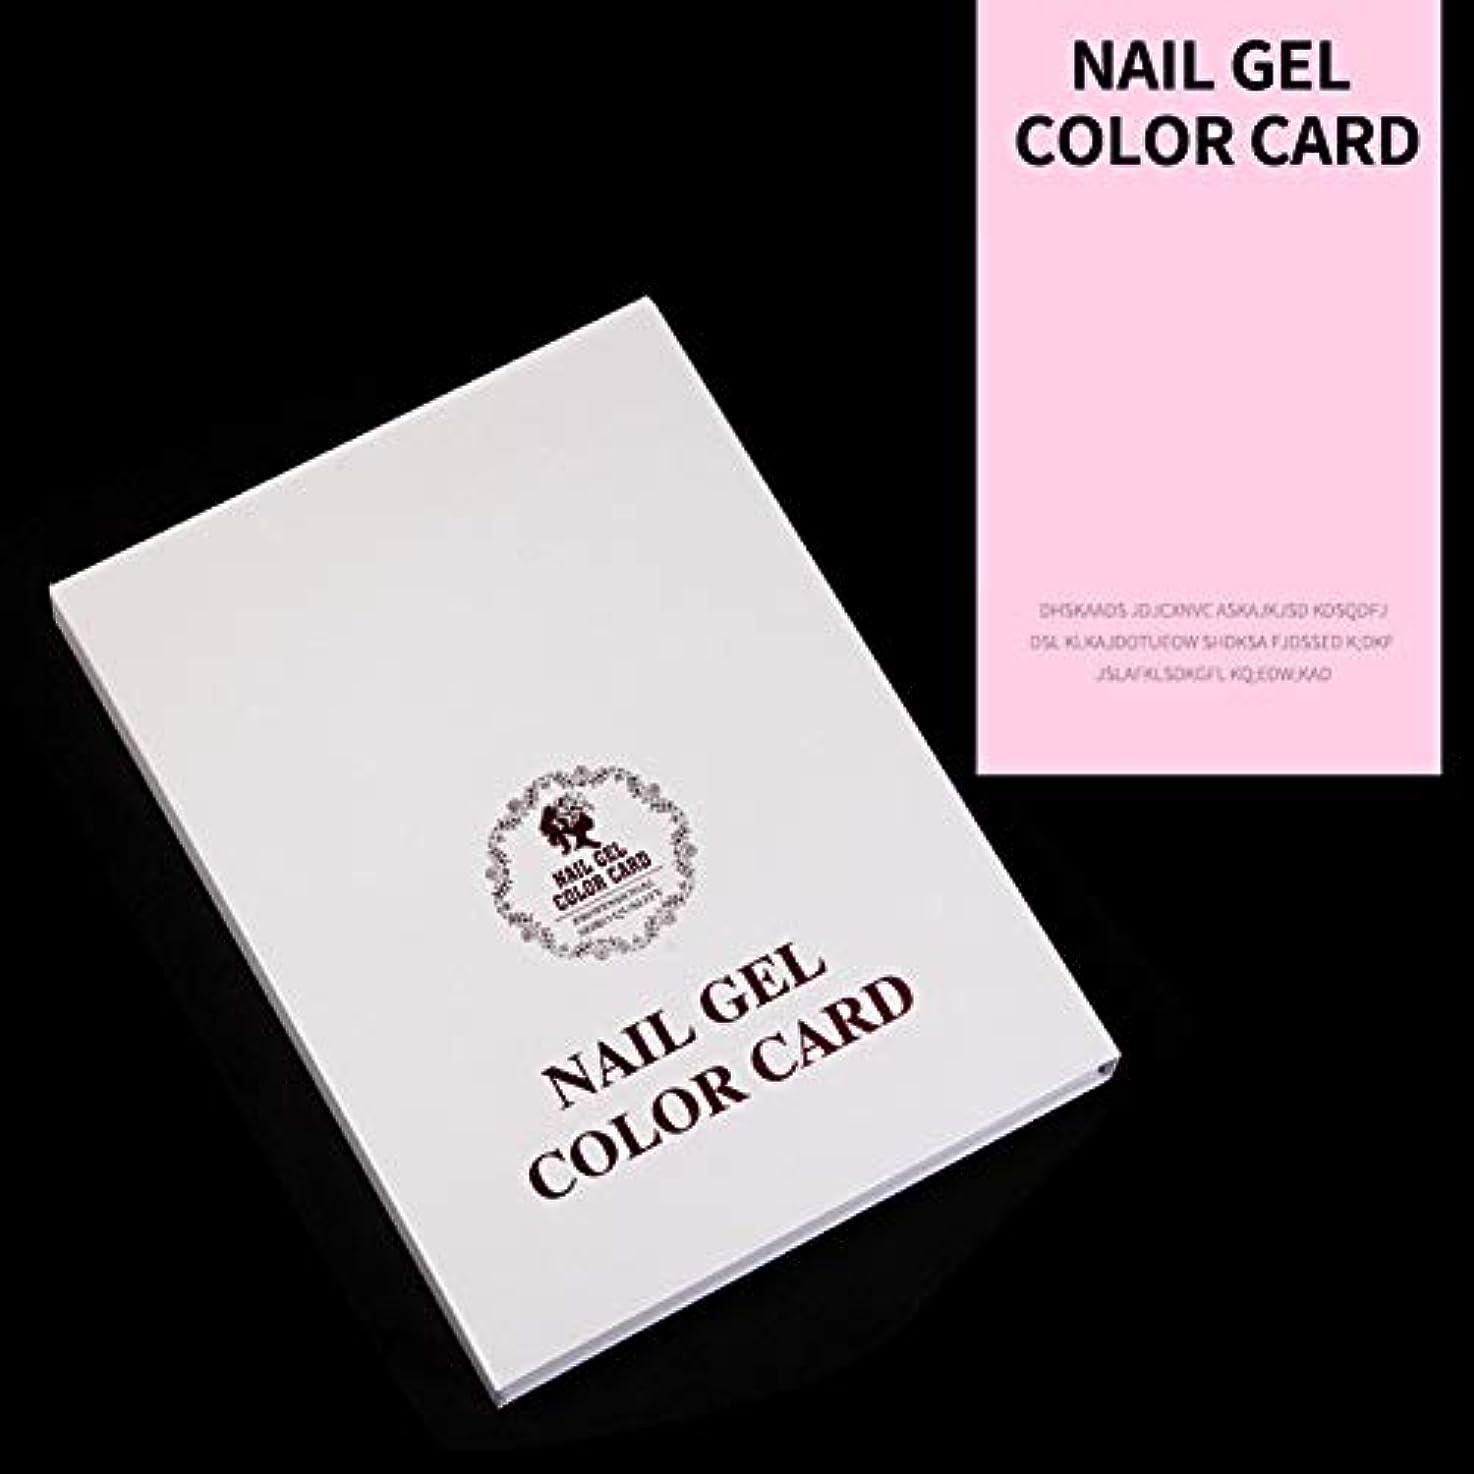 小切手能力遠足ACHICOO ?マニキュアツール偽ネイルカラーブックカラーディスプレイネイルアートジェルポリッシュカラーカードネイルカラーチャート Small color card (120 colors)